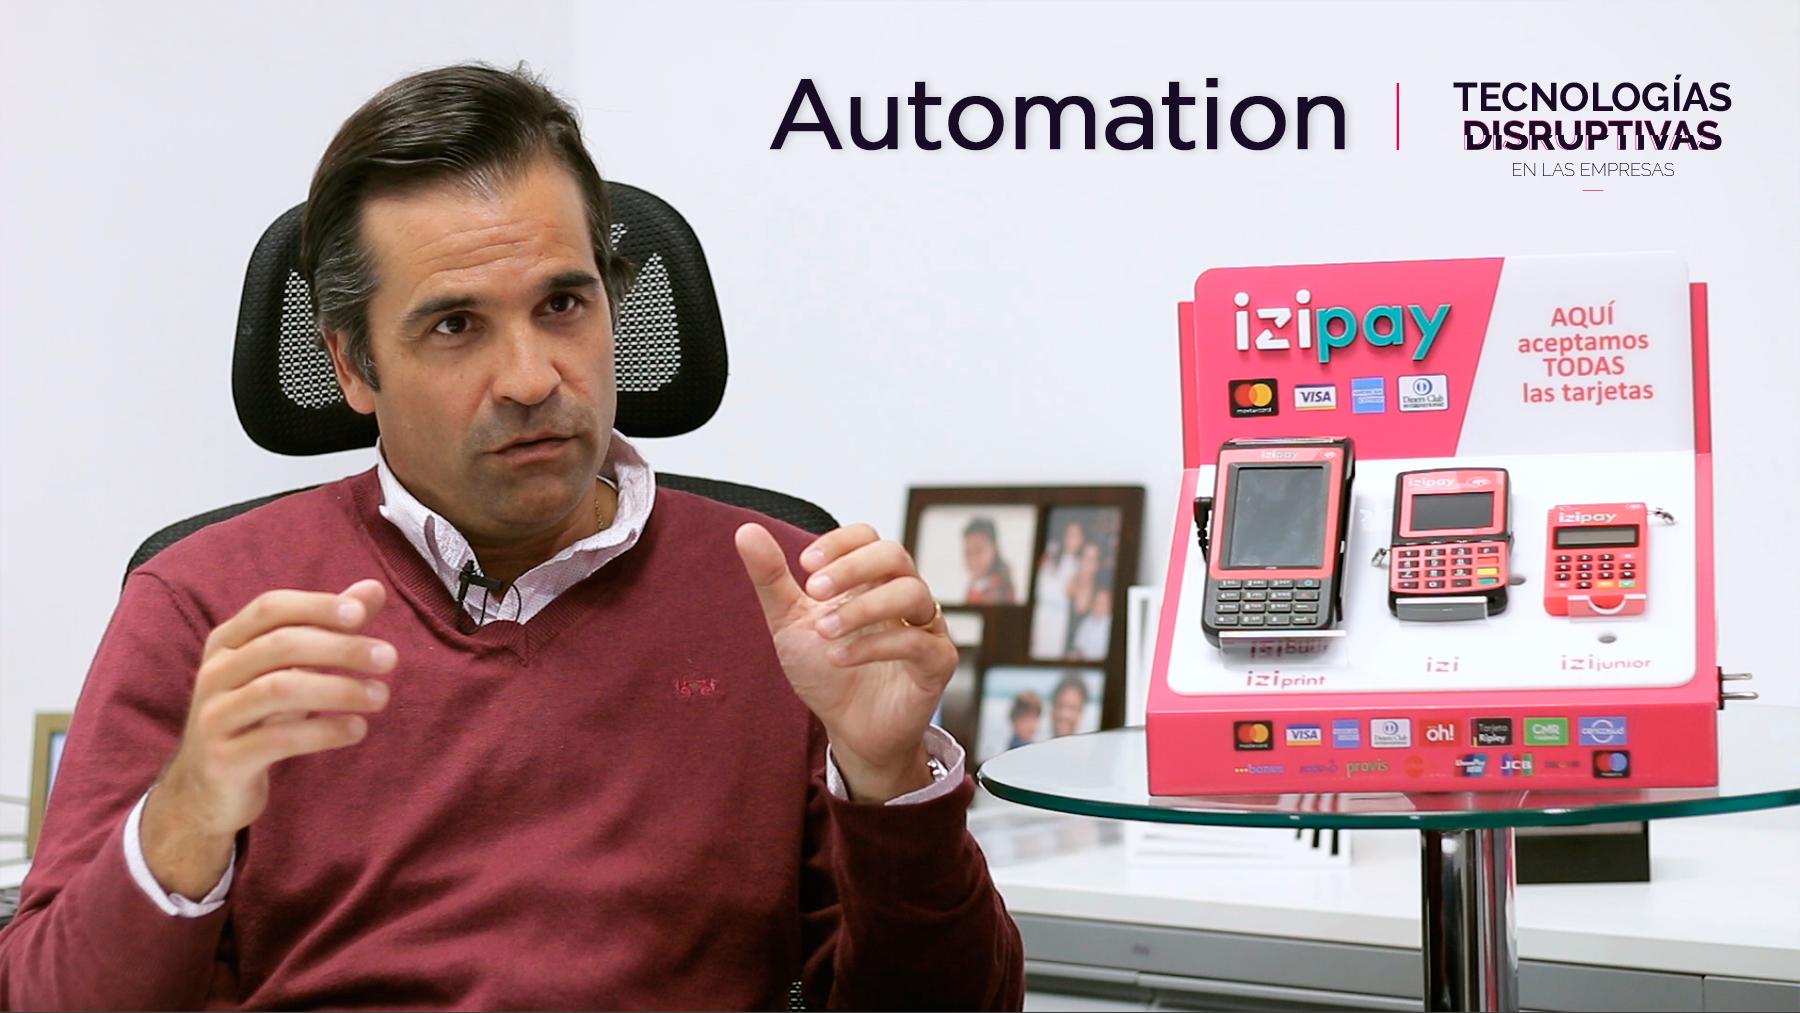 Tecnologías Disruptivas: Automation y el caso de Izipay